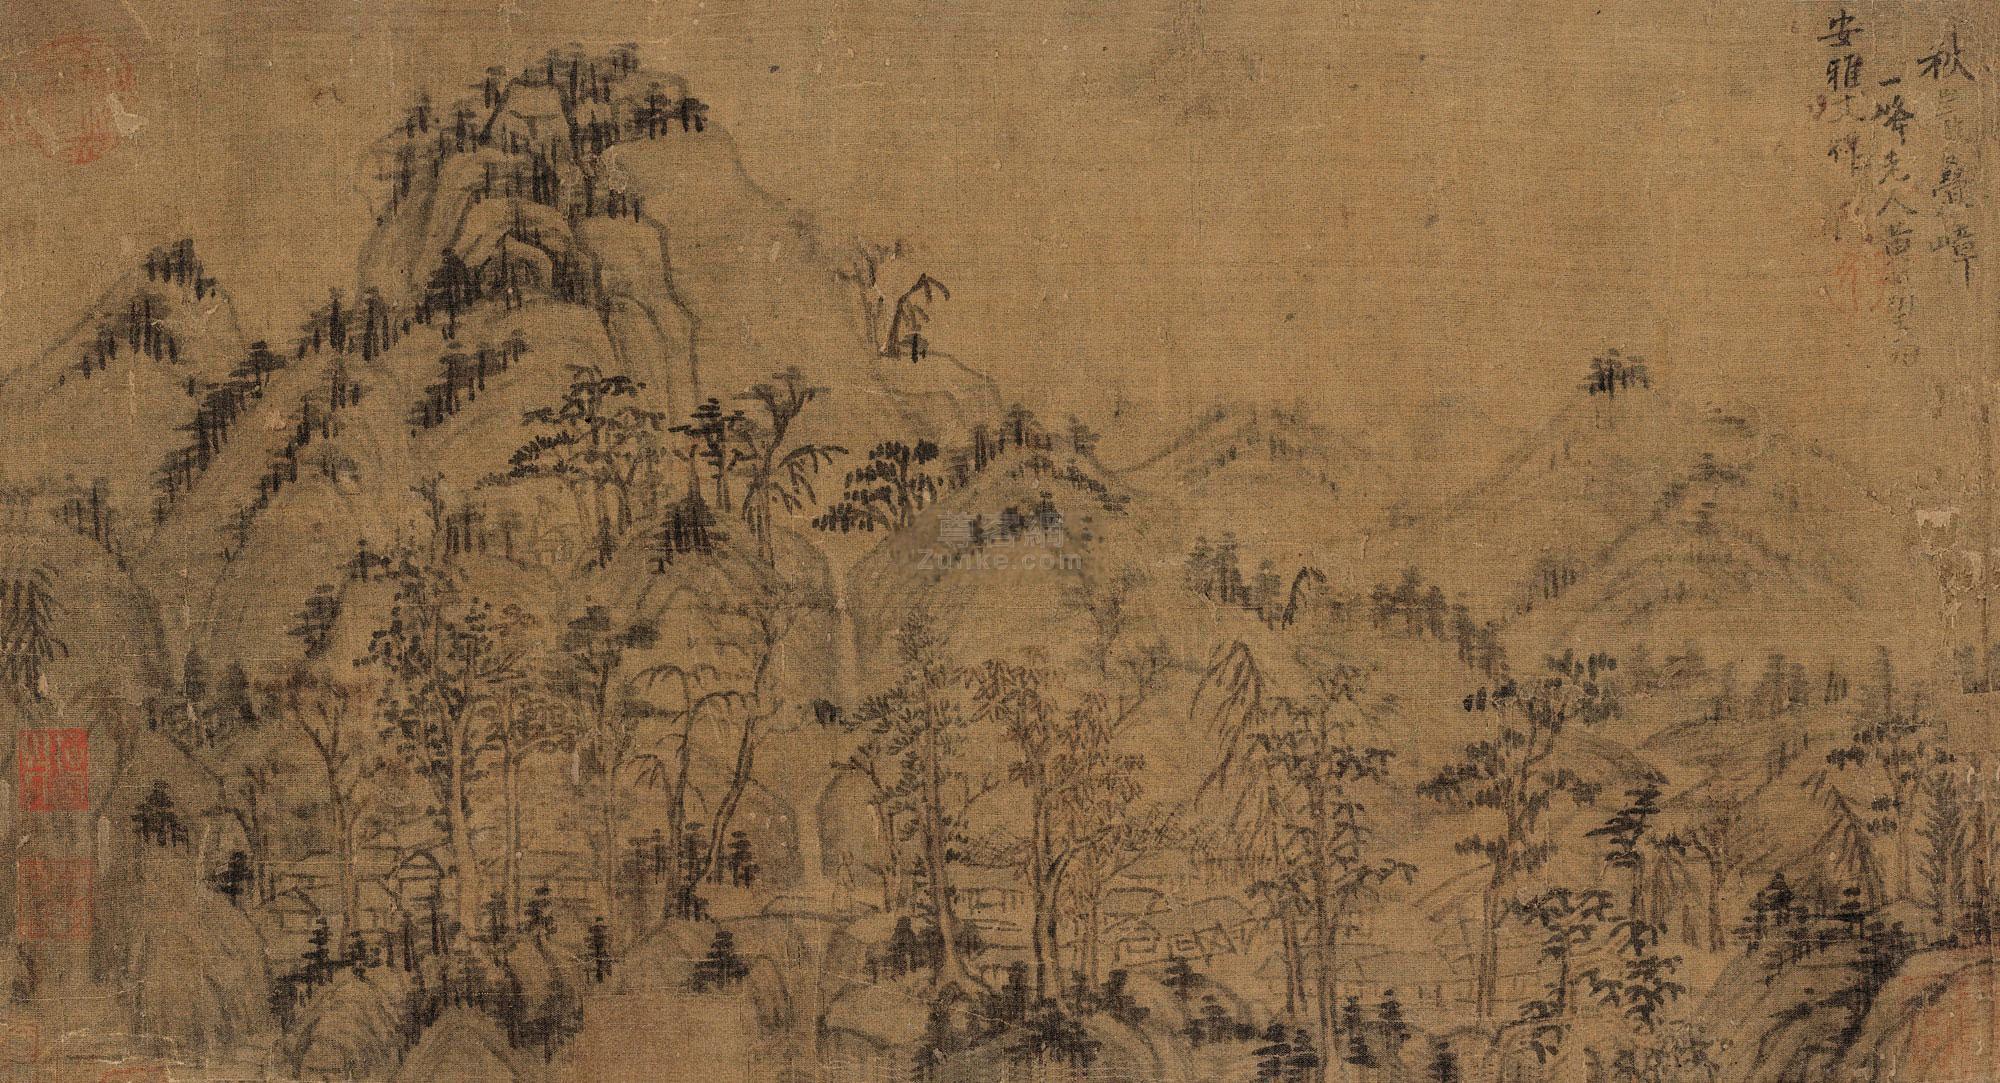 黄公望 秋岩叠嶂 镜片连框 水墨绢本作品欣赏